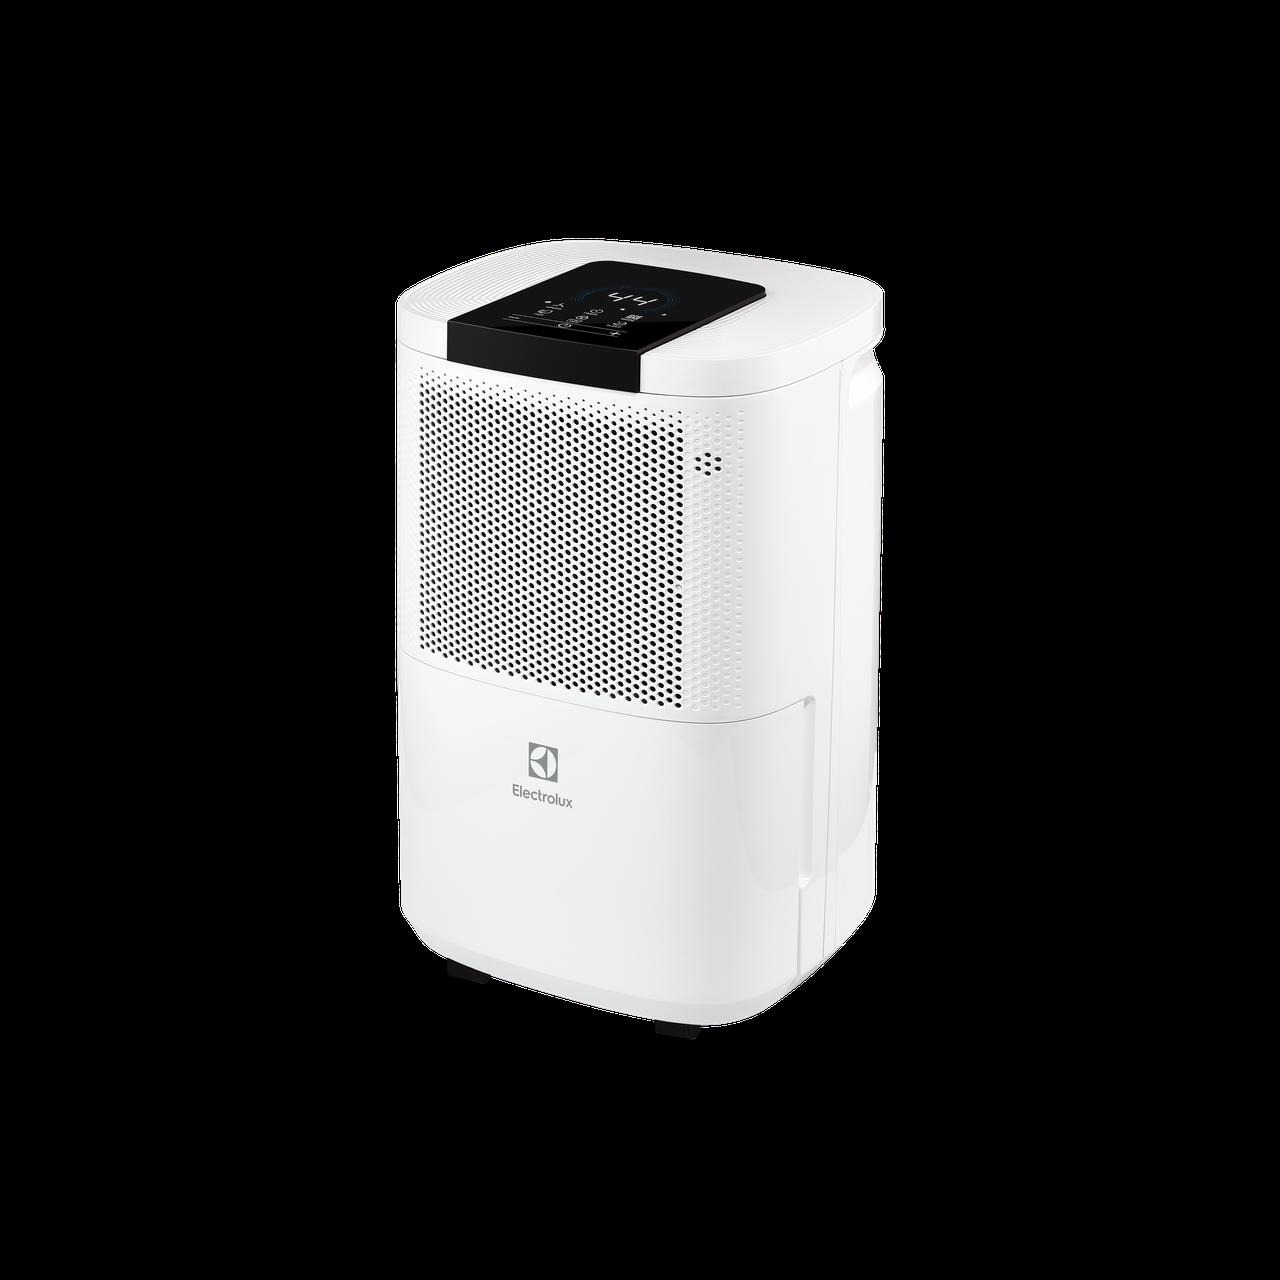 Осушитель воздуха Electrolux EDH-12L